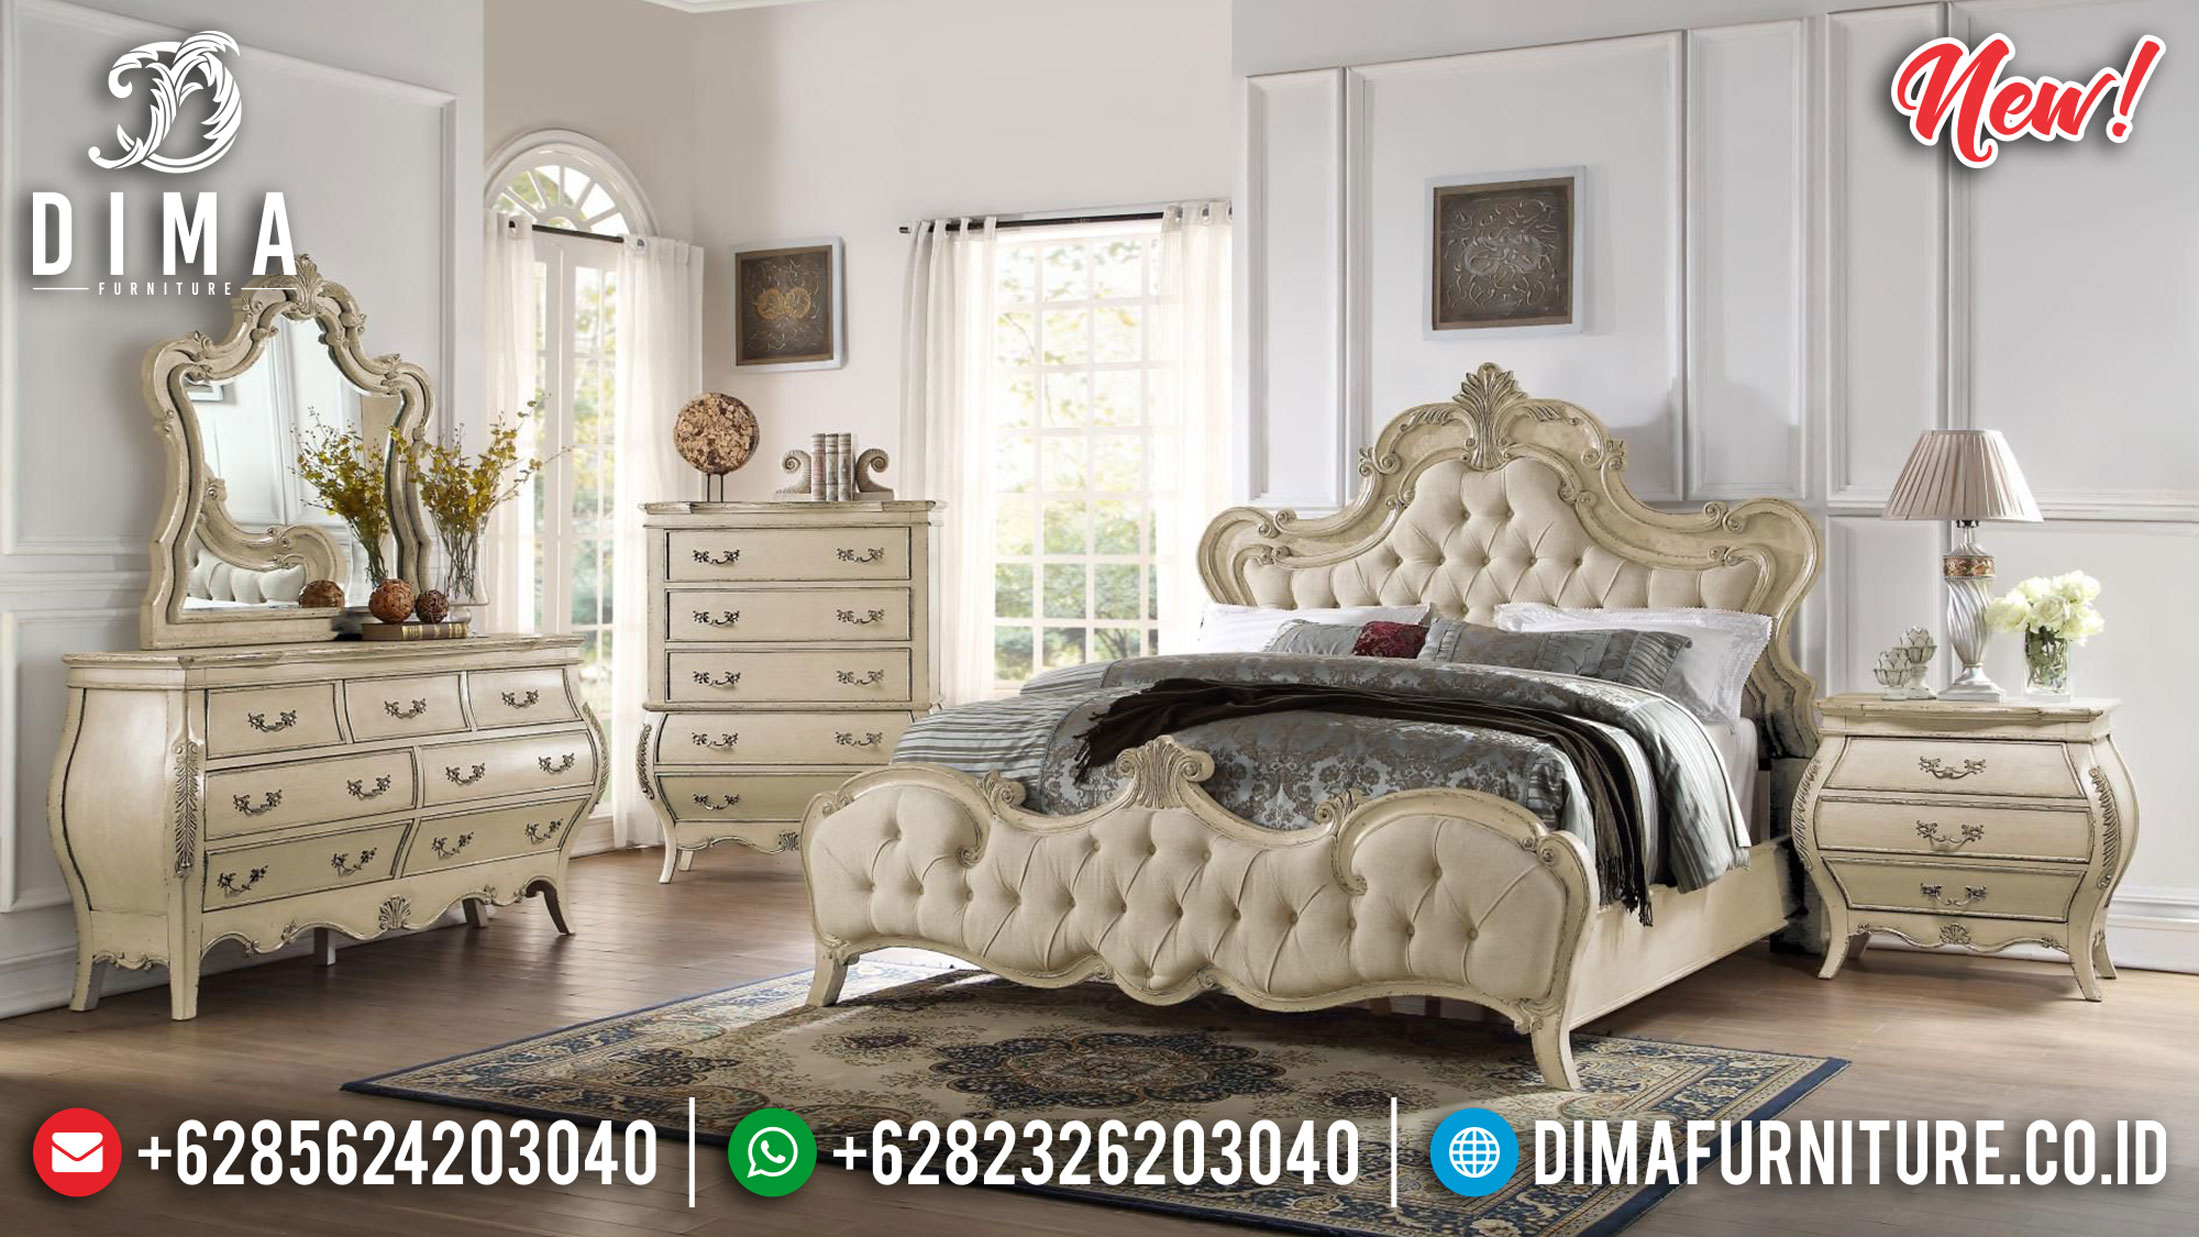 Black Friday Sale Set Tempat Tidur Mewah Luxury Carving Furniture Jepara Terbaru TTJ-1079